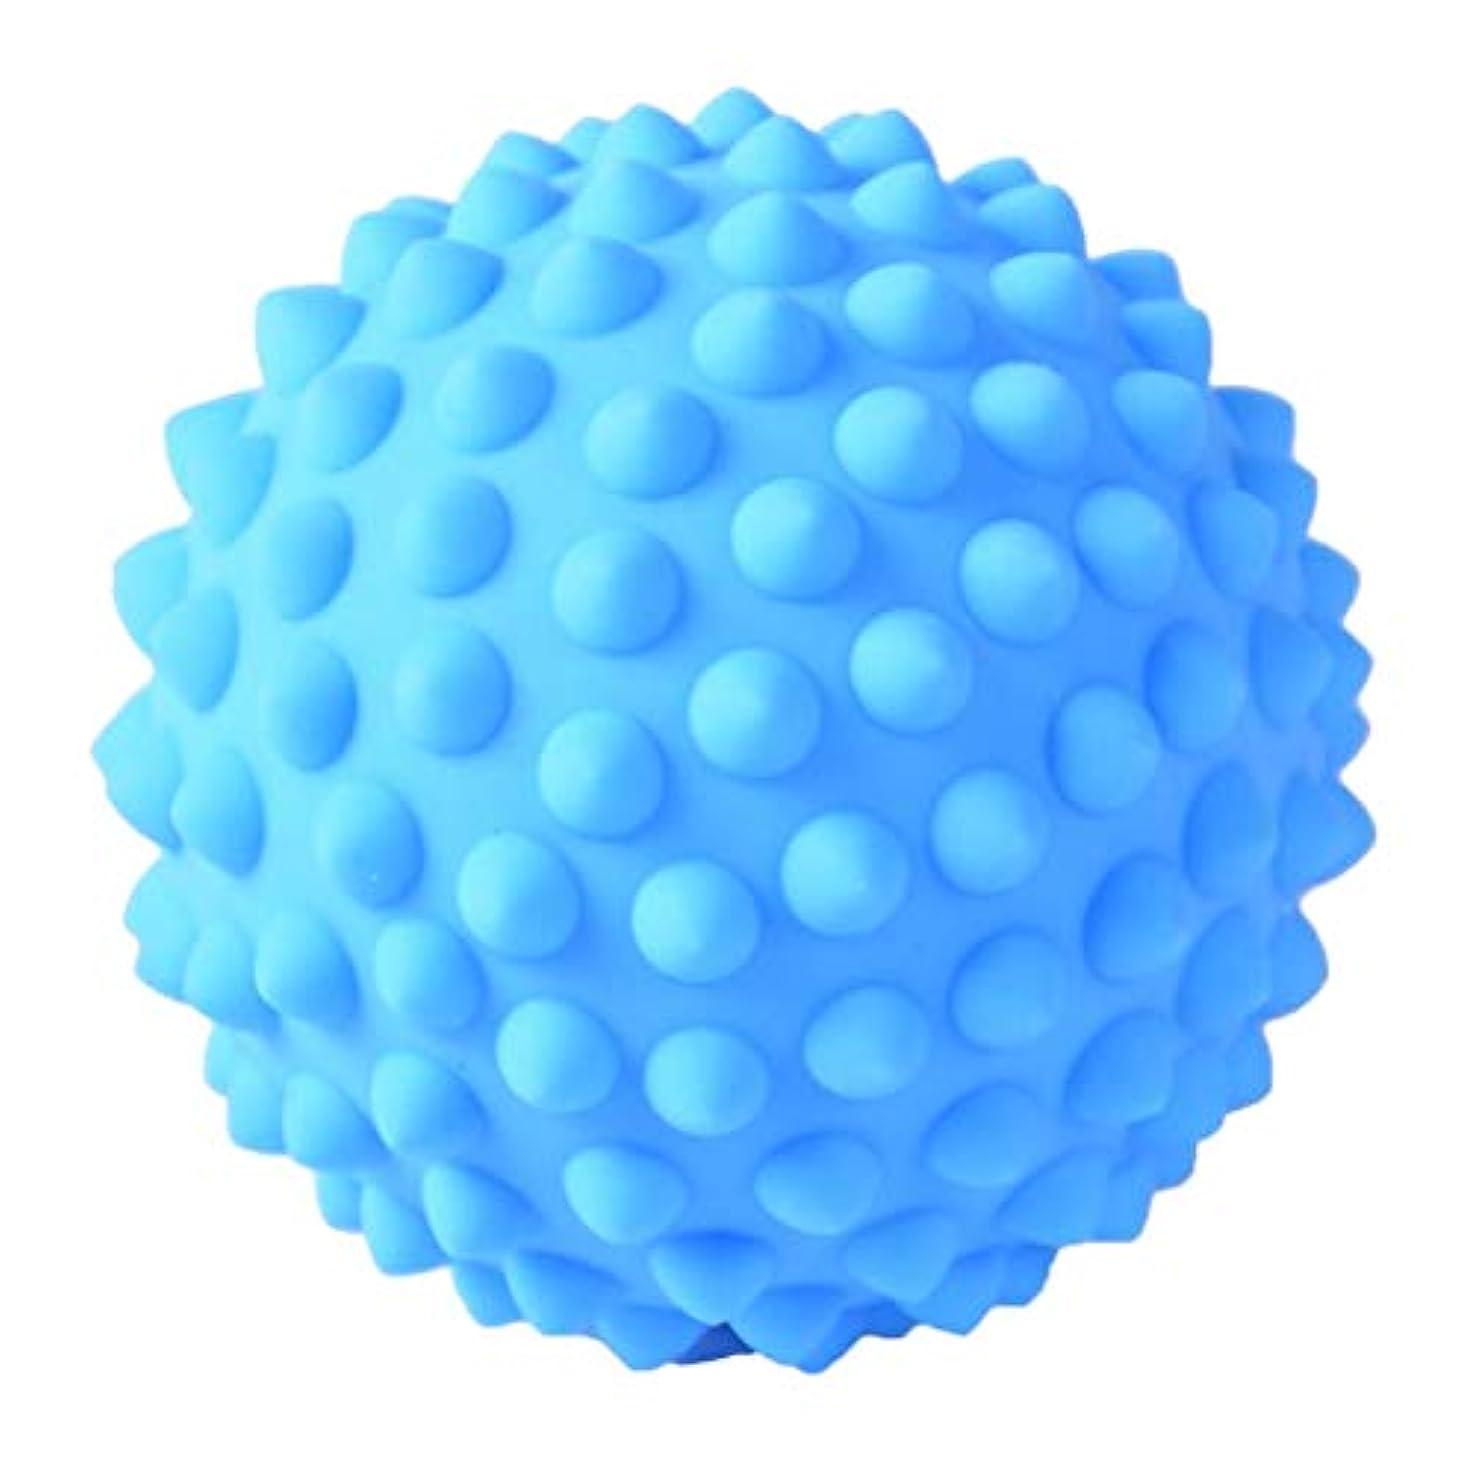 スペア力版マッサージボール PVC製 約9 cm 3色選べ - 青, 説明のとおり